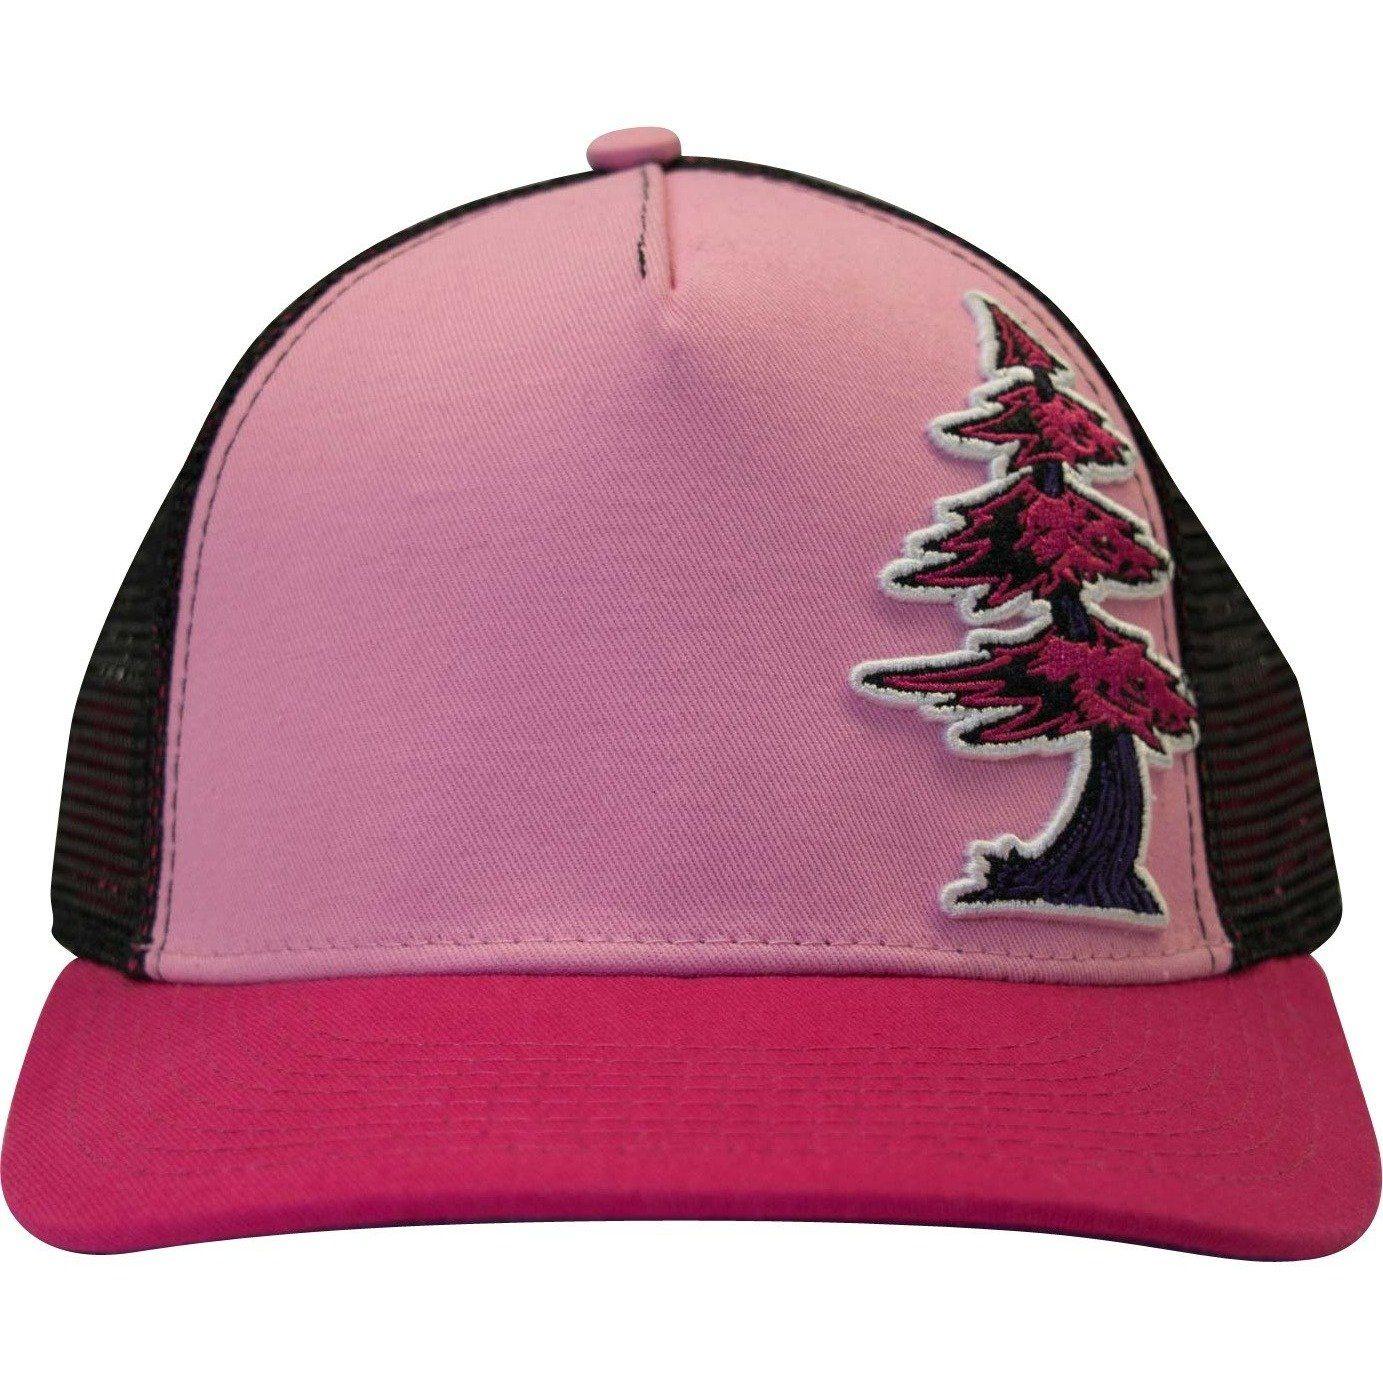 Curved Bill Redwood Puff Custom Women s Snap Hat  804fb47b720f